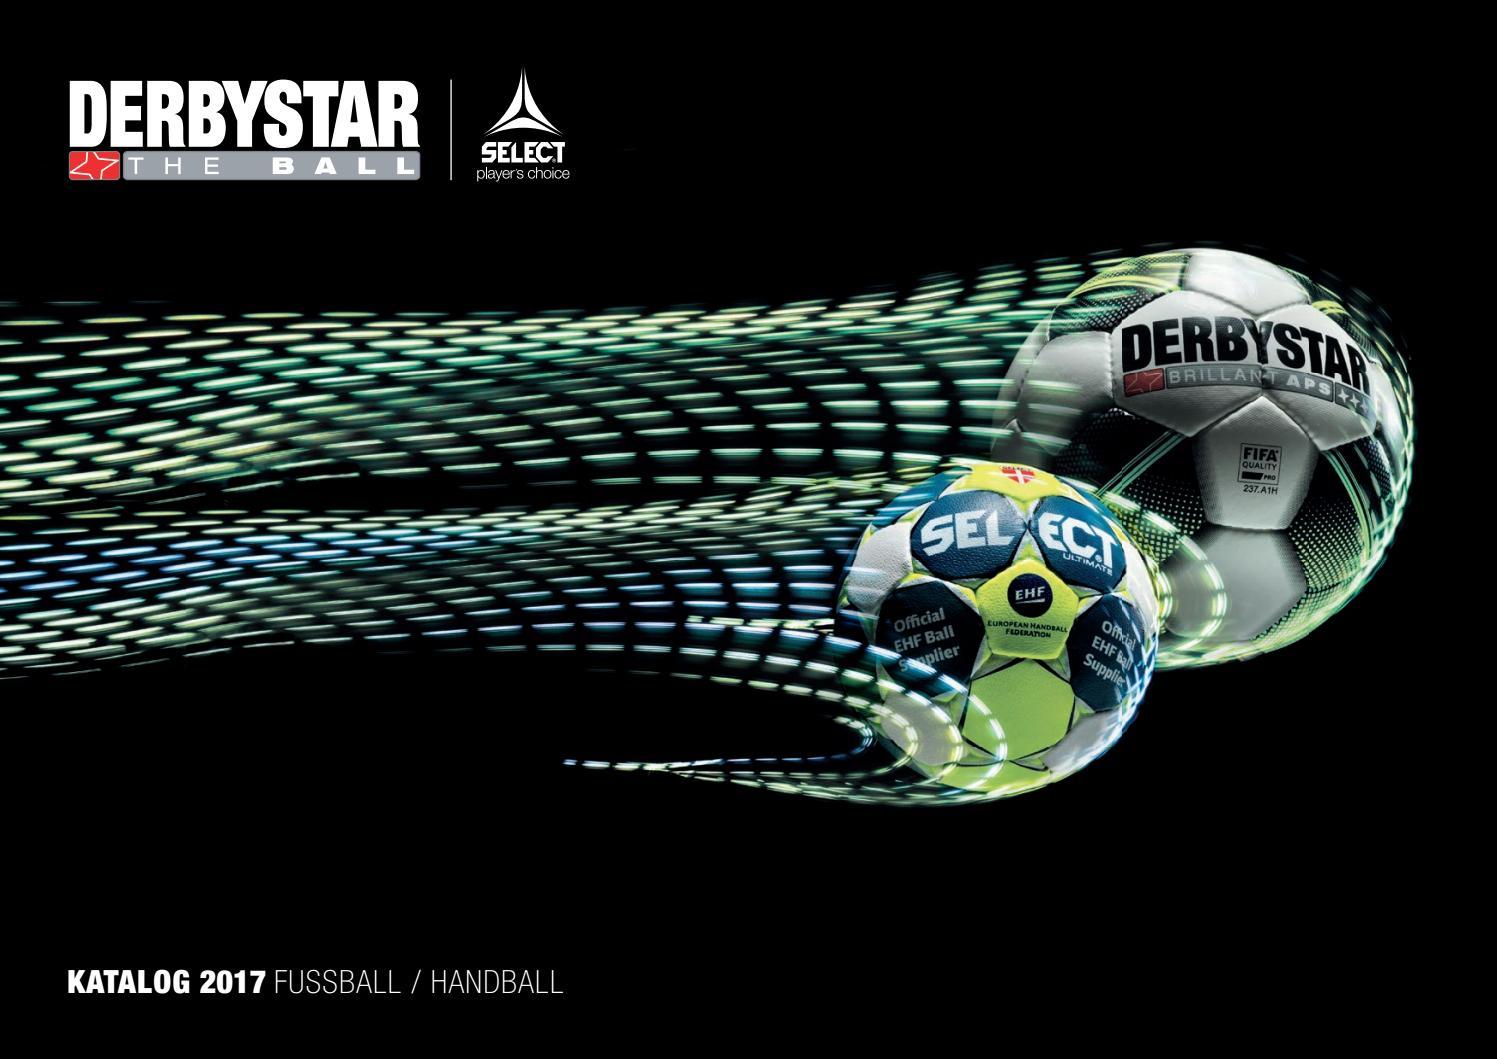 Derbystar Brillant APS weiss gelb silber Spielball Herren Matchball FIFA NEU